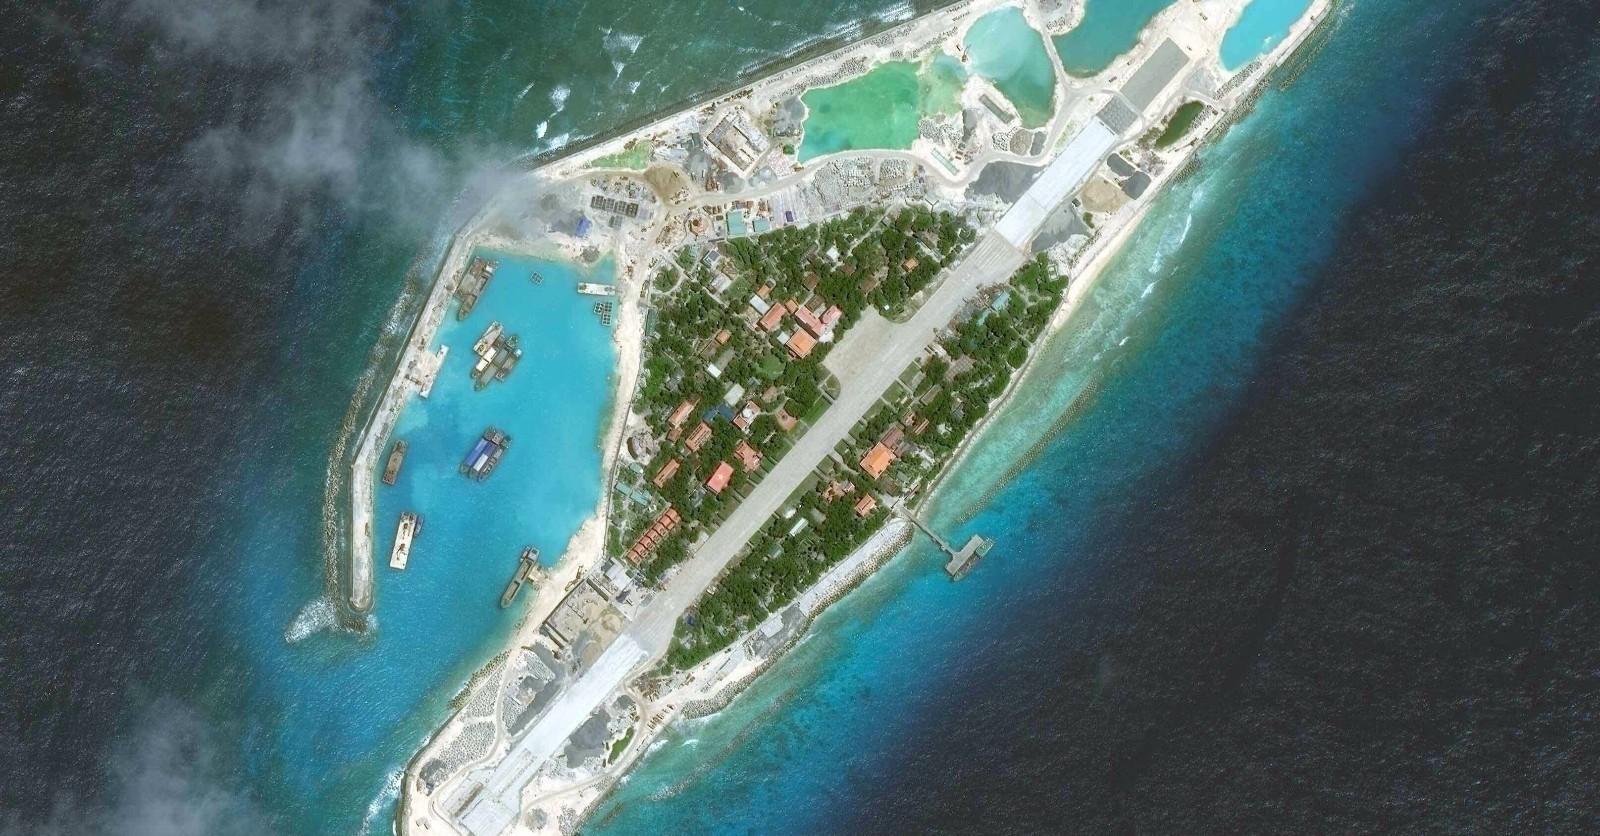 威胁中国南海:越南在非法侵占岛屿部署苏30